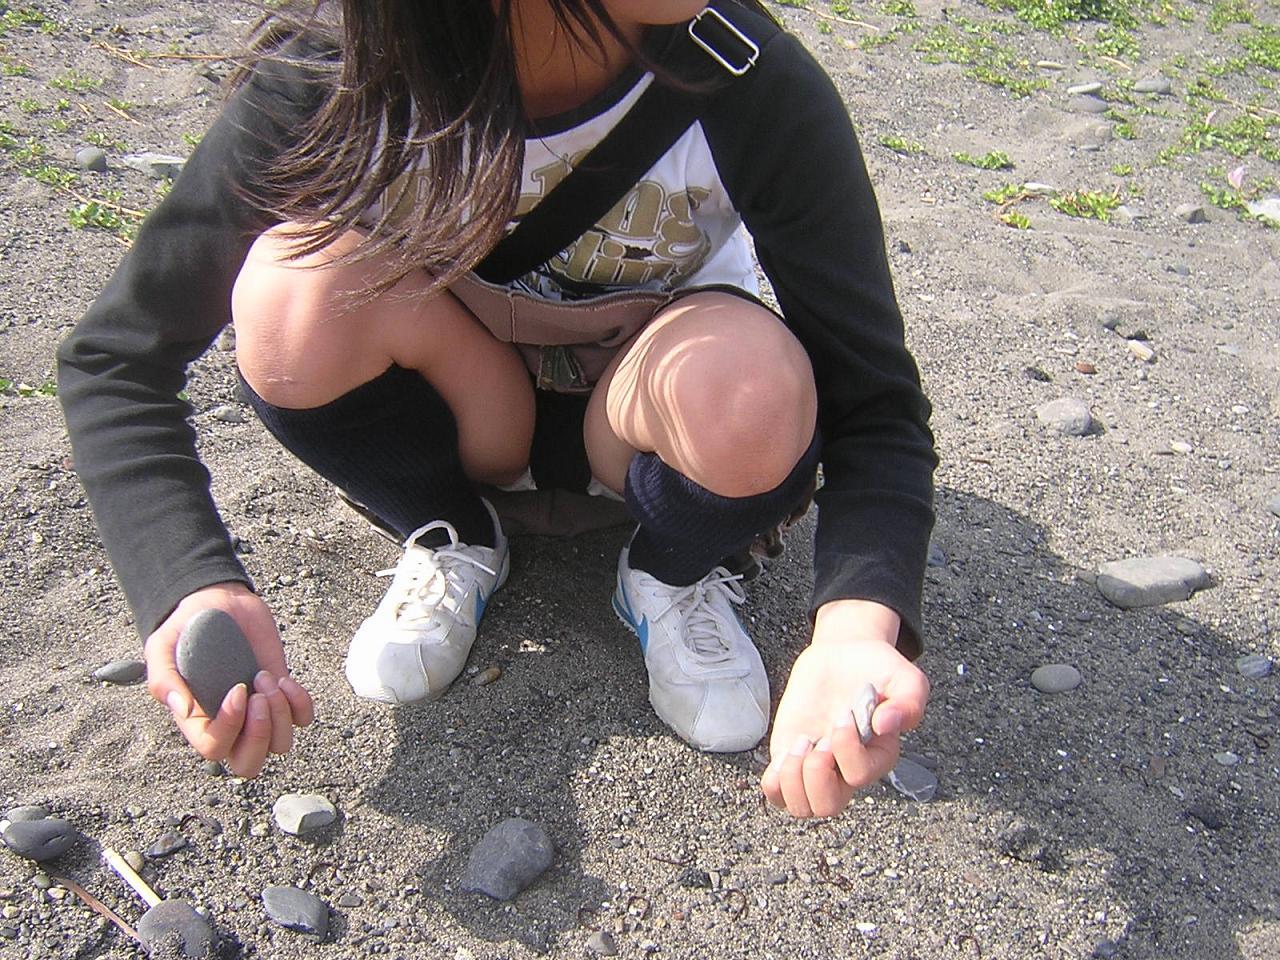 女子小学生の下着丸見え 石拾いをしてる少女のパンモロがエロ過ぎ!